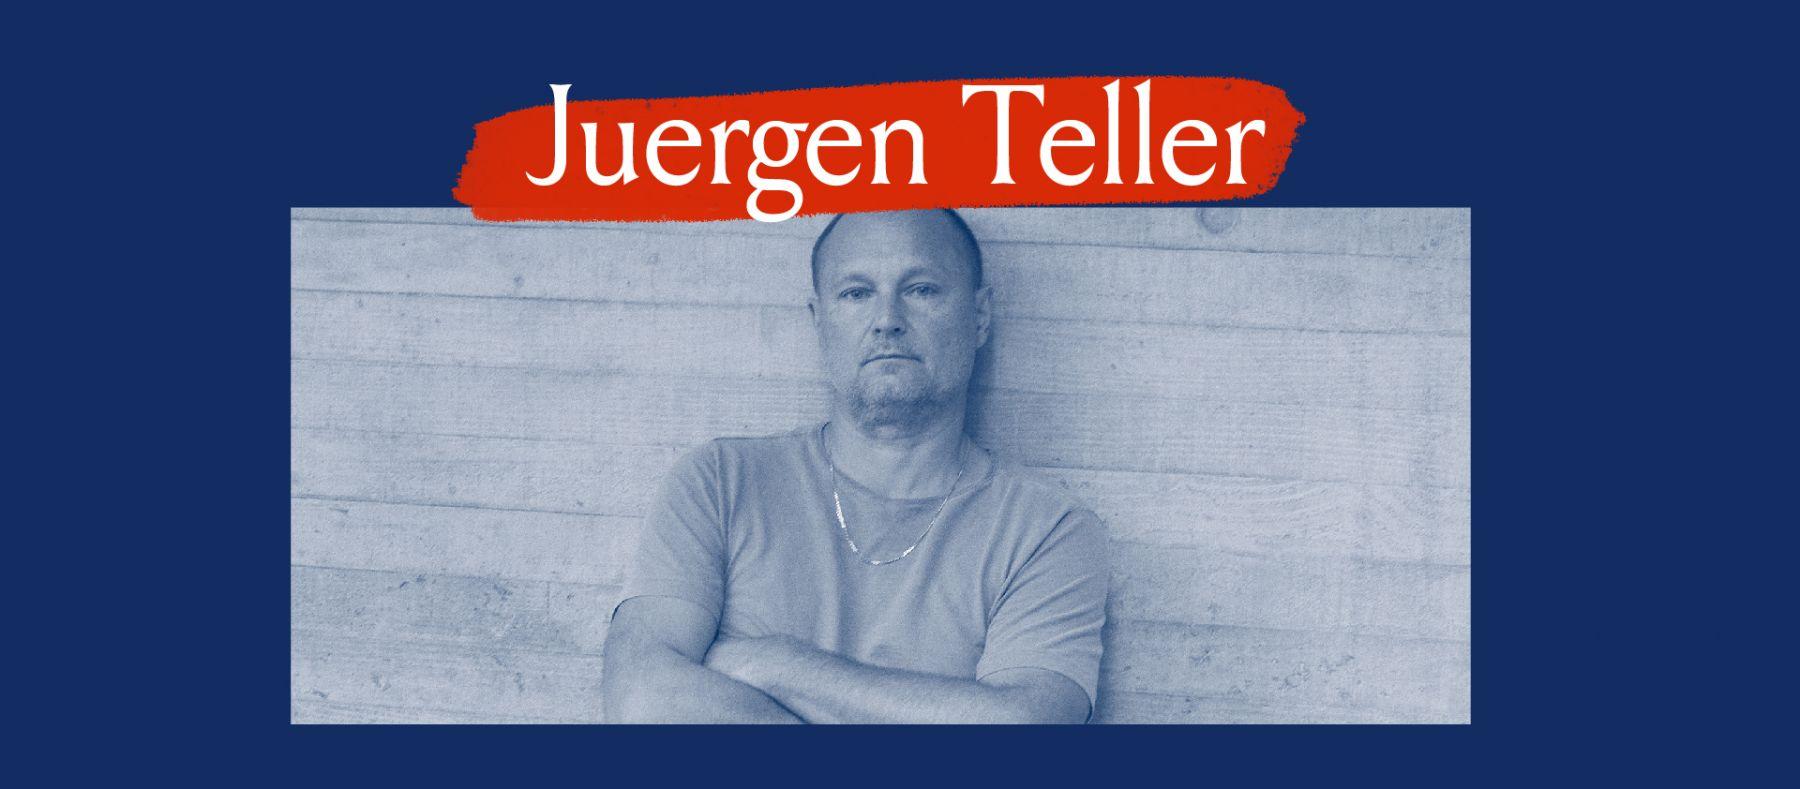 Juergen Teller Portrait Banner